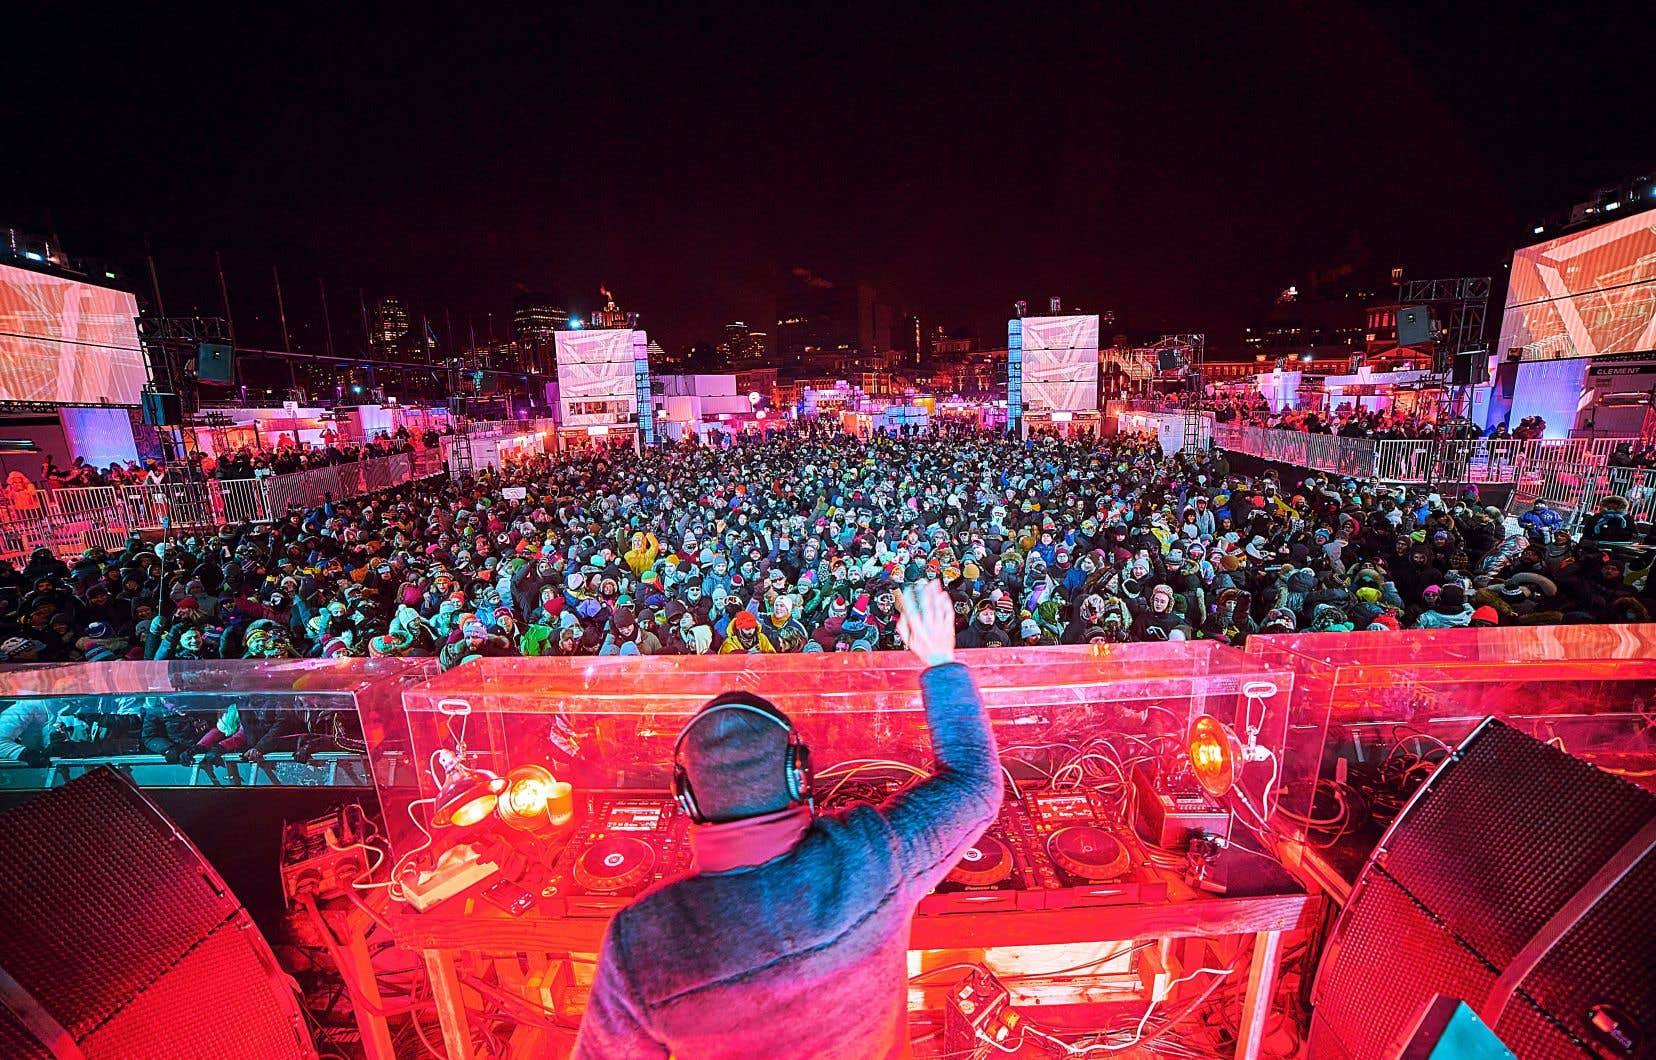 Une foule dense danse et des milliers de pompons remuent à -17 °C. Ici, vendredi dernier à l'Igloofest, le festival musical le plus frette au monde.